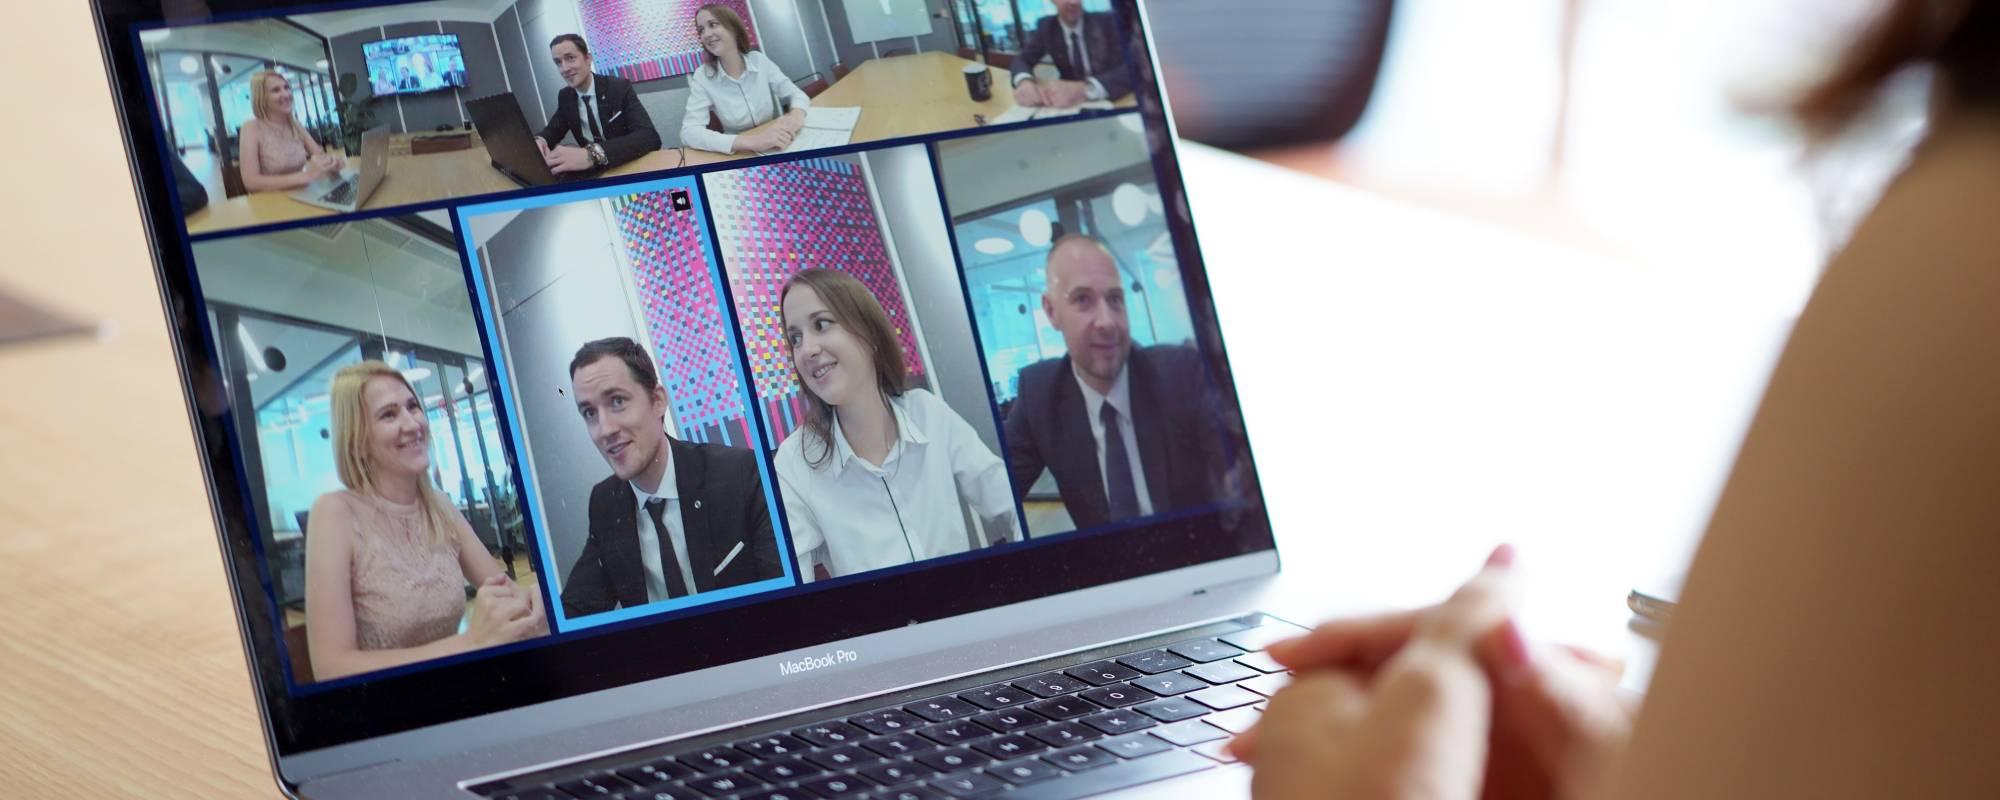 Ekran laptopa z widokiem na wideokonferencję z udziałem czterech uczestników